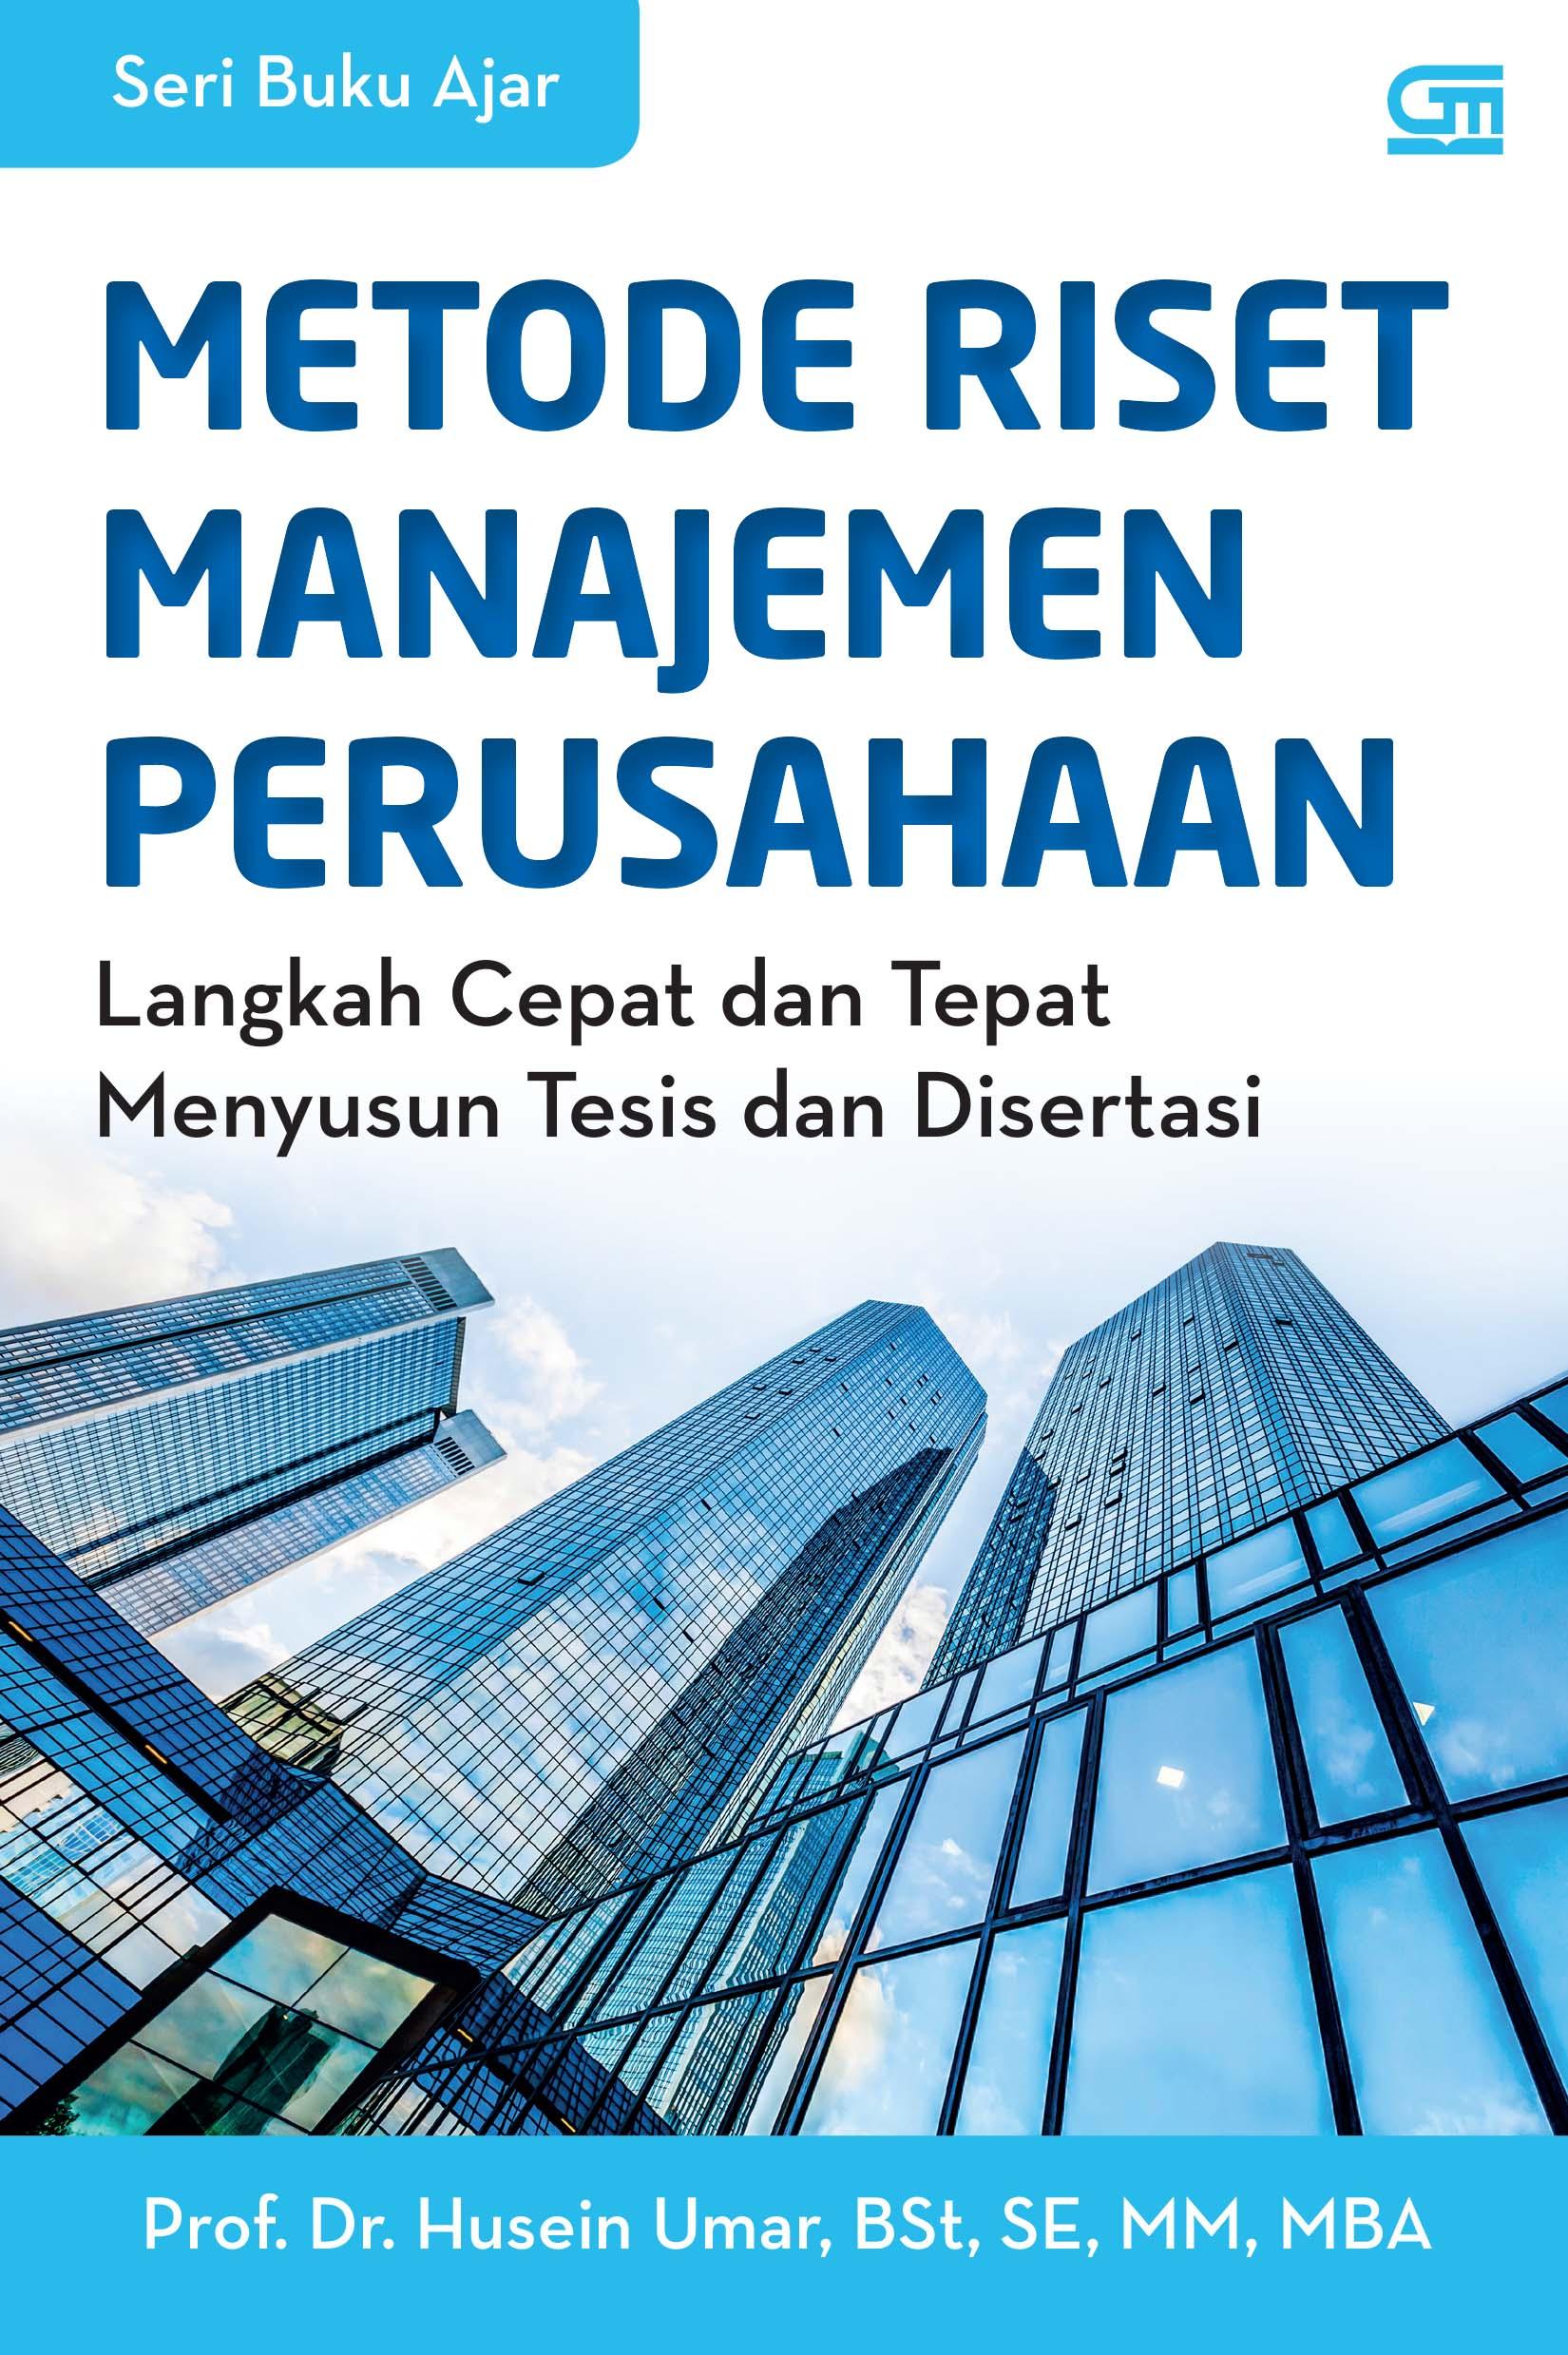 Metode Riset Manajemen Perusahaan